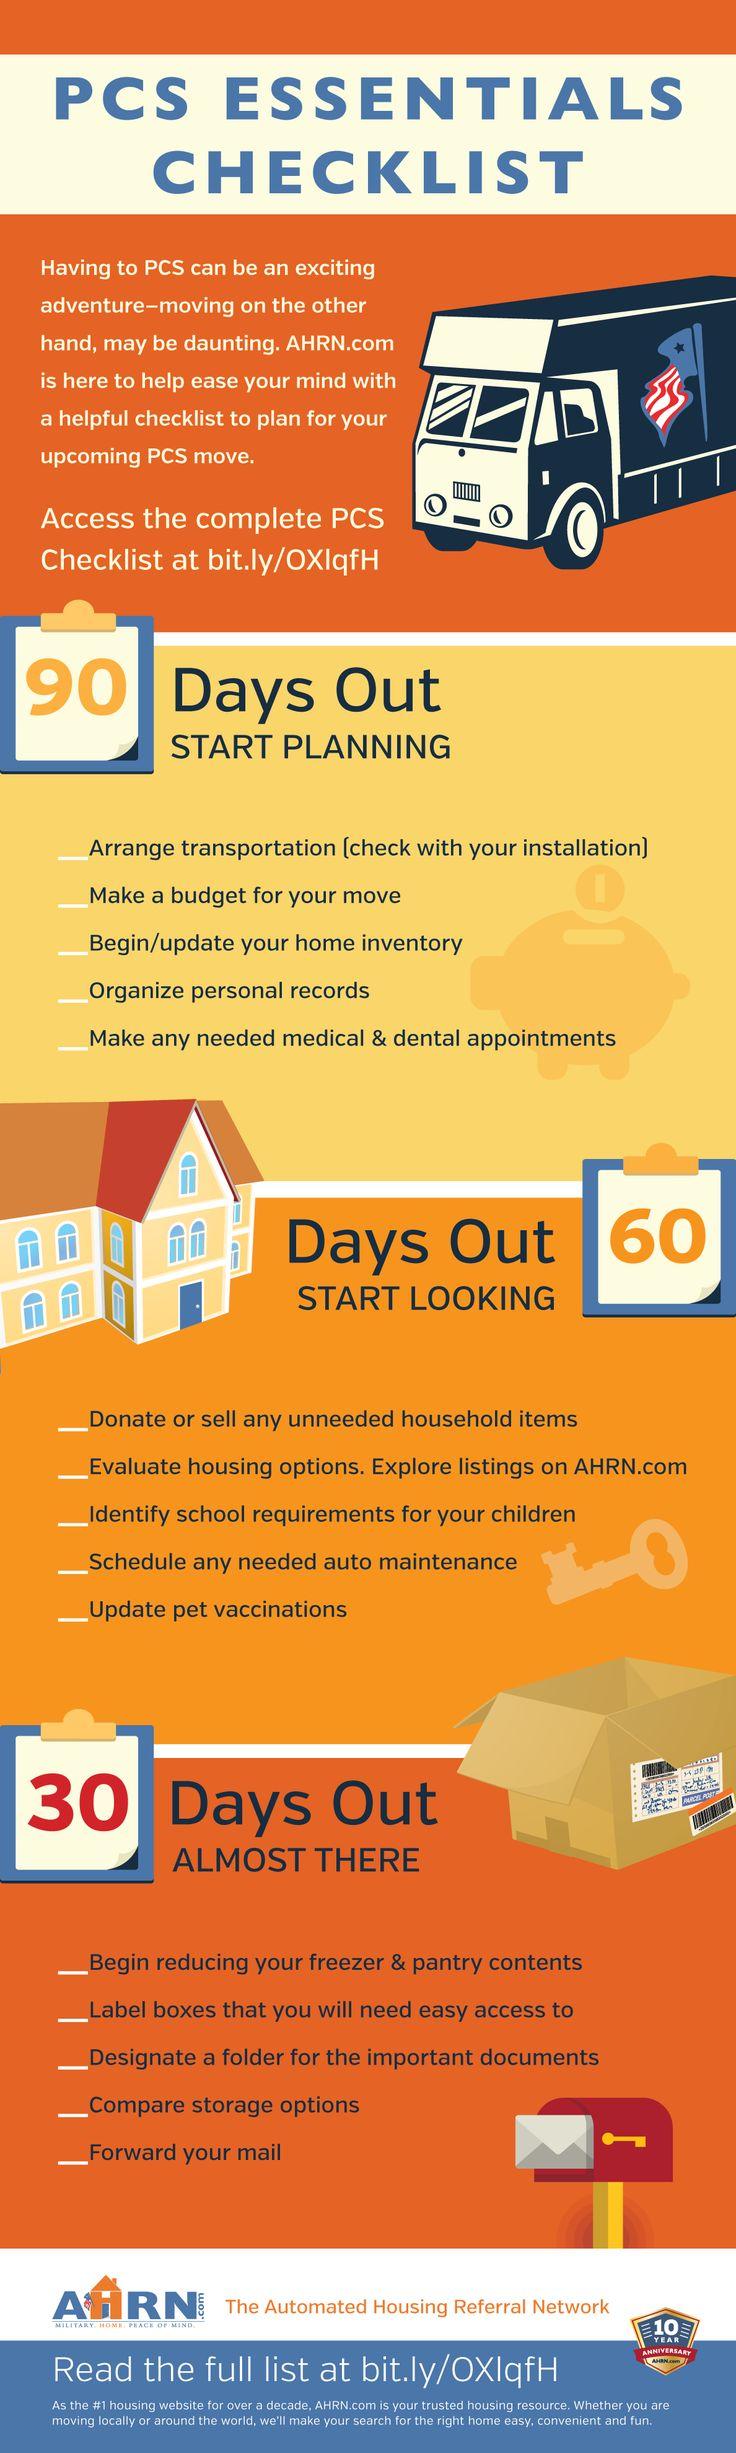 Check out AHRN.com's PCS Checklist!http://blog.ahrn.com/your-pcs-essentials-checklist/